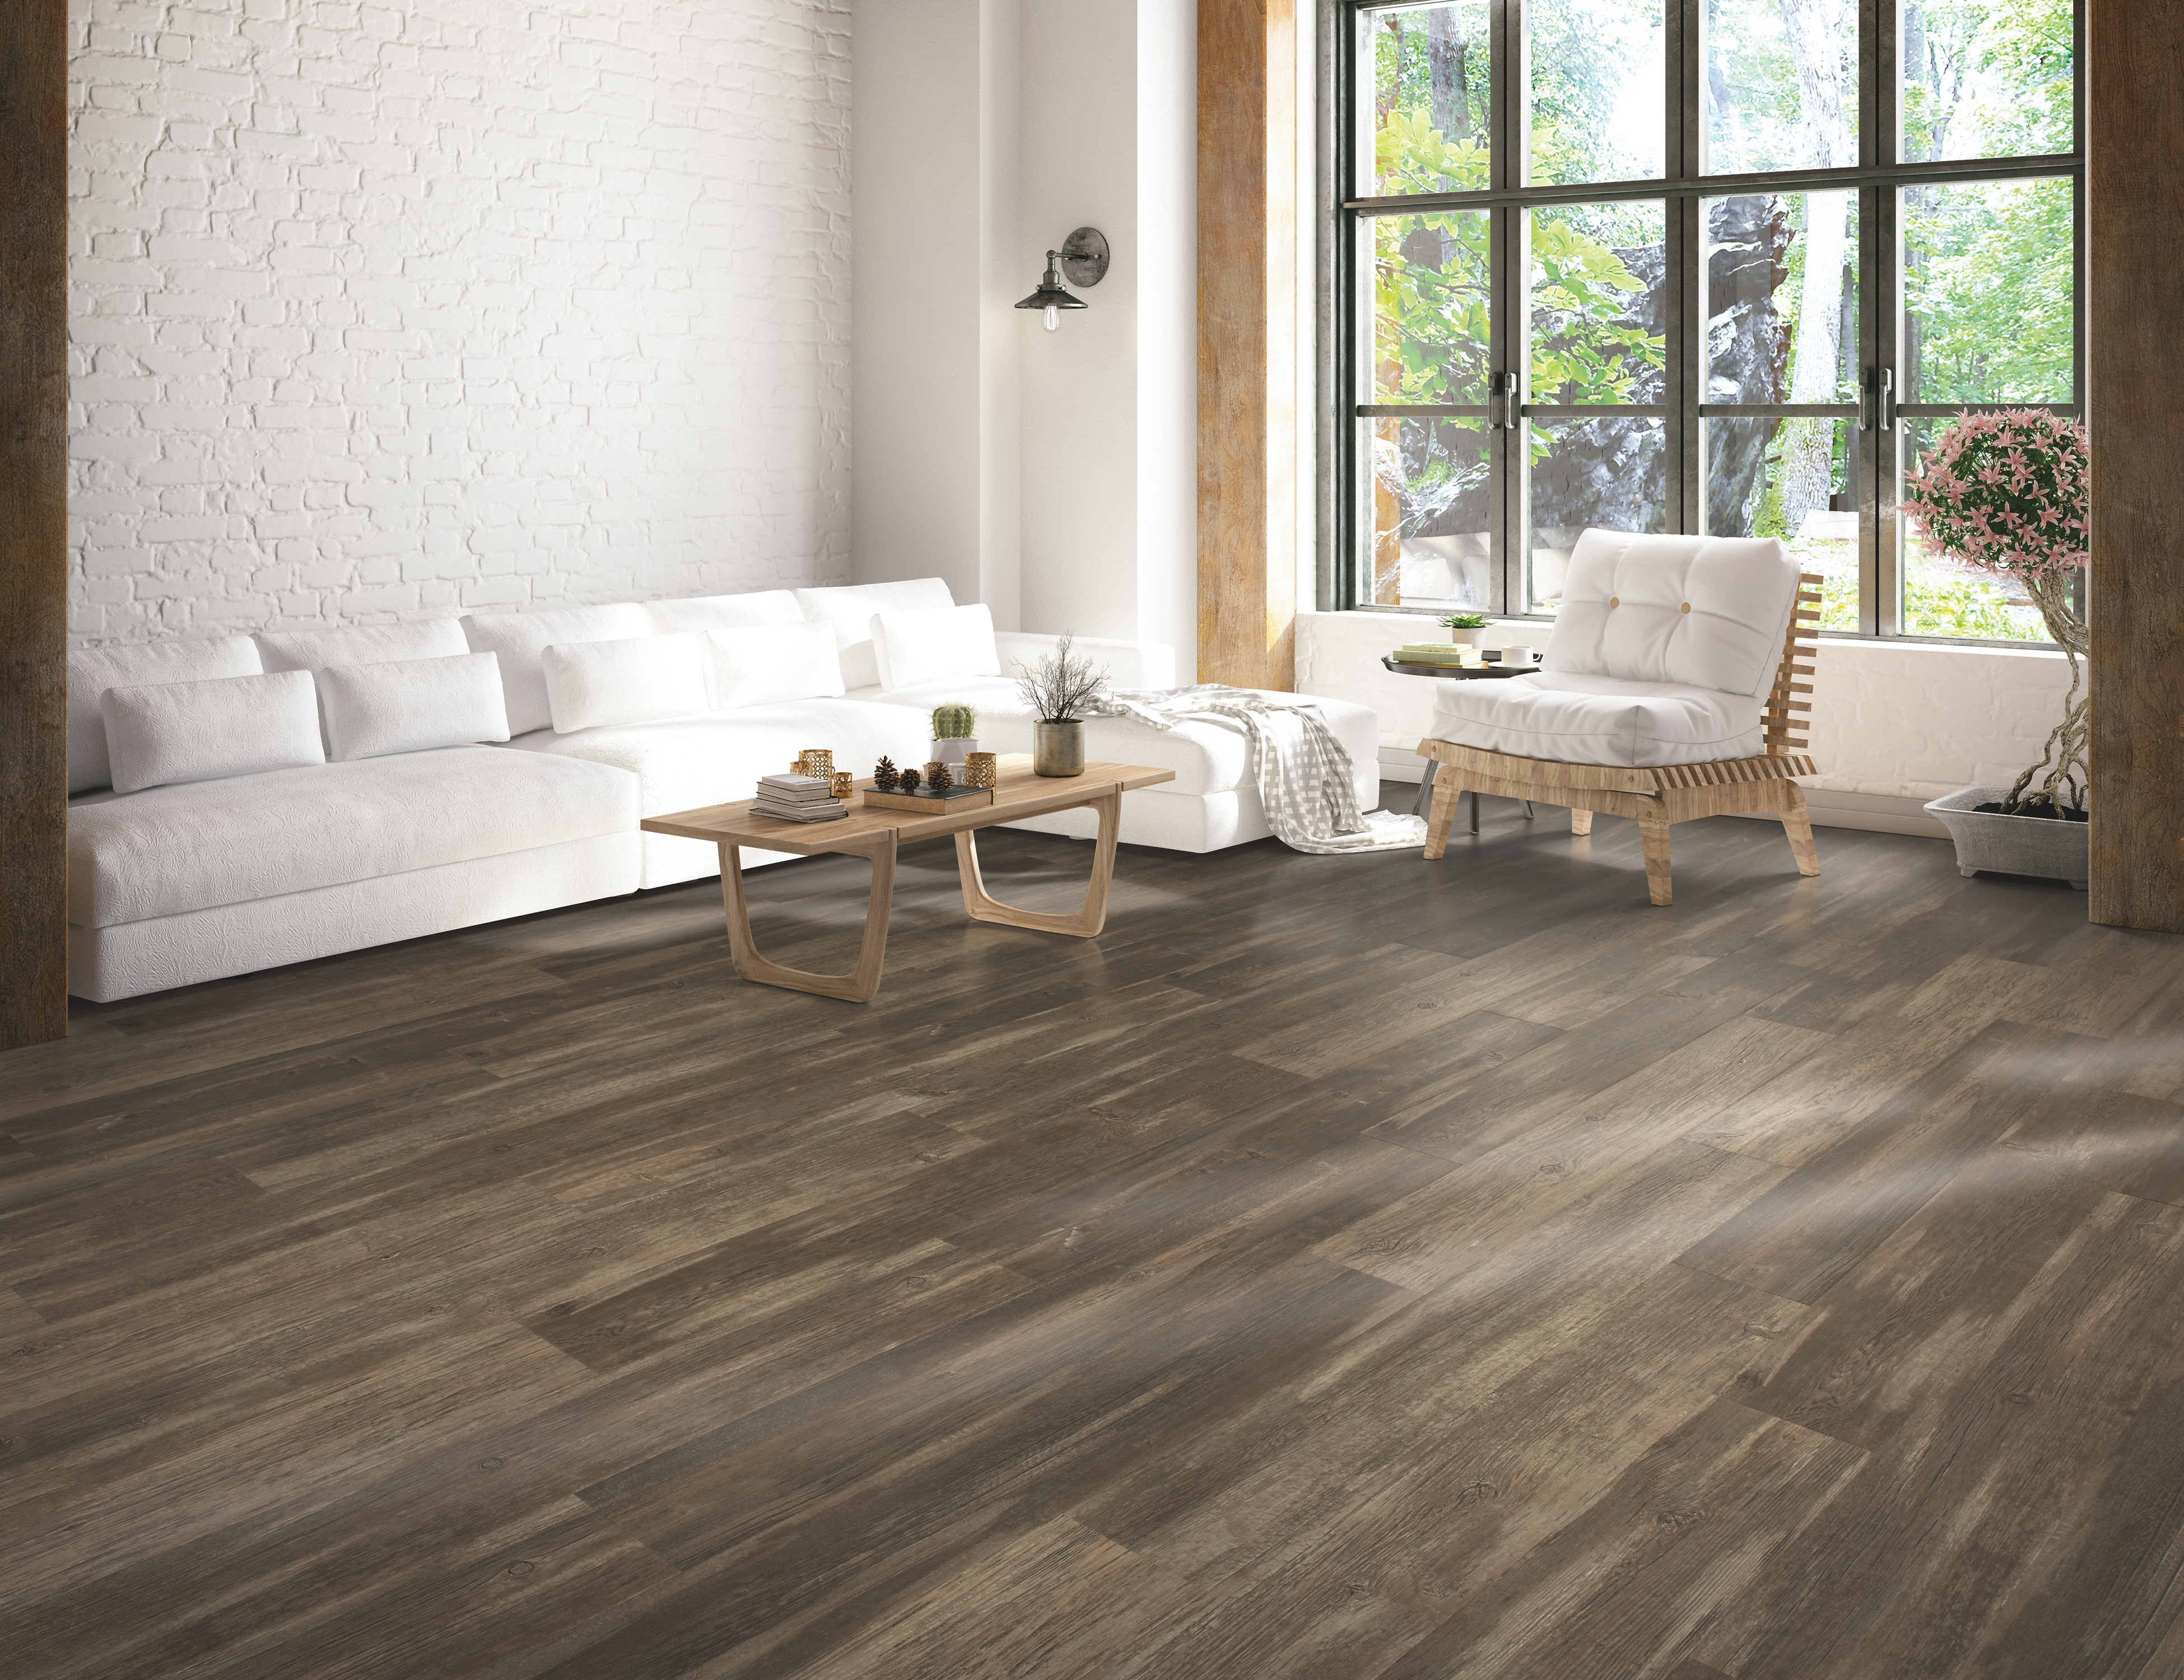 Mohawk Western Ridge Flint Rock Pine From Znet Flooring